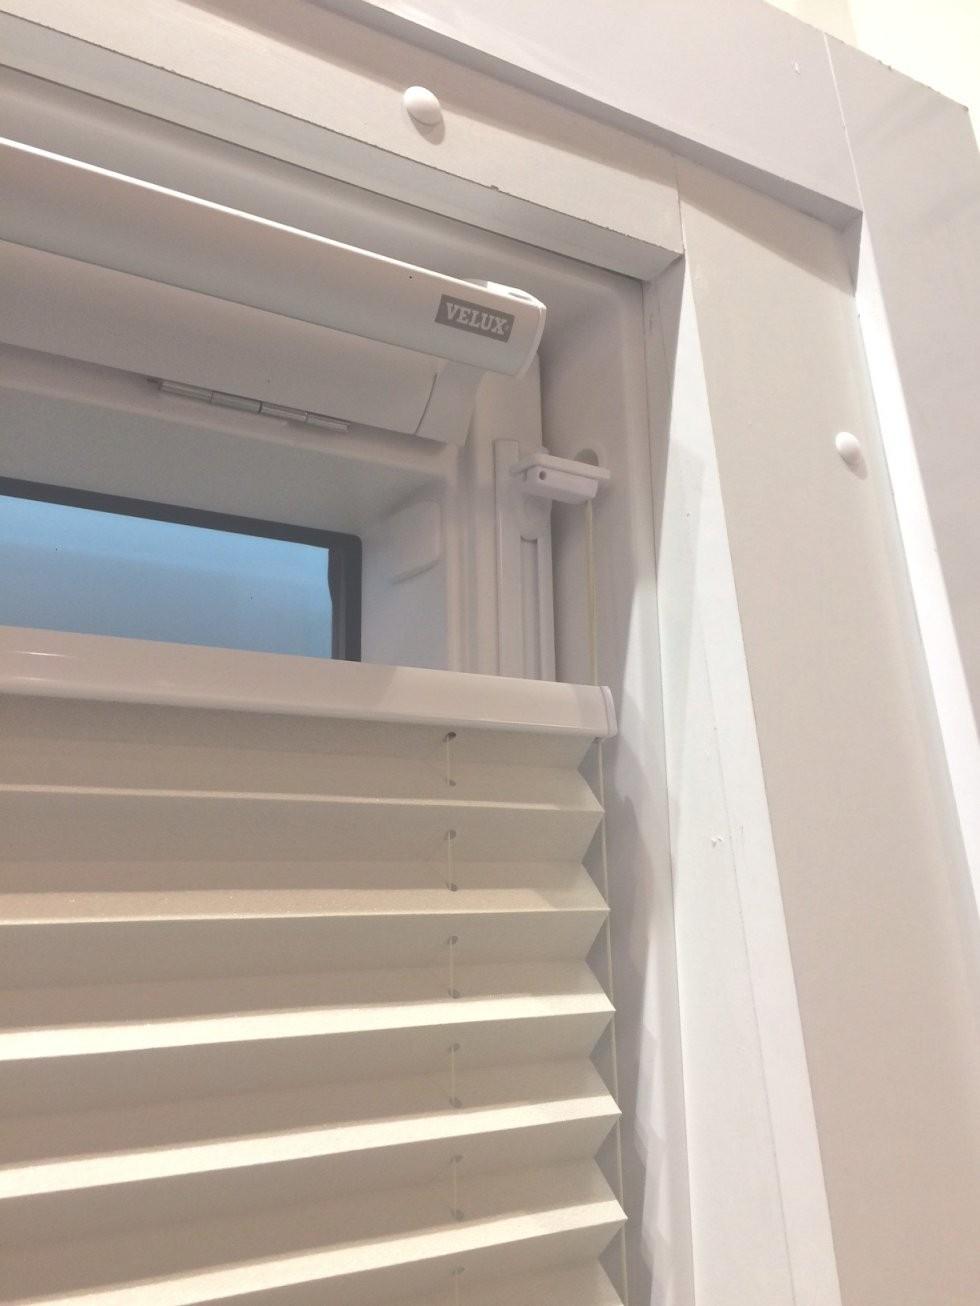 Plissee Ohne Bohren Für Dachfenster  Rollomeister von Velux Dachfenster Plissee Ohne Bohren Bild